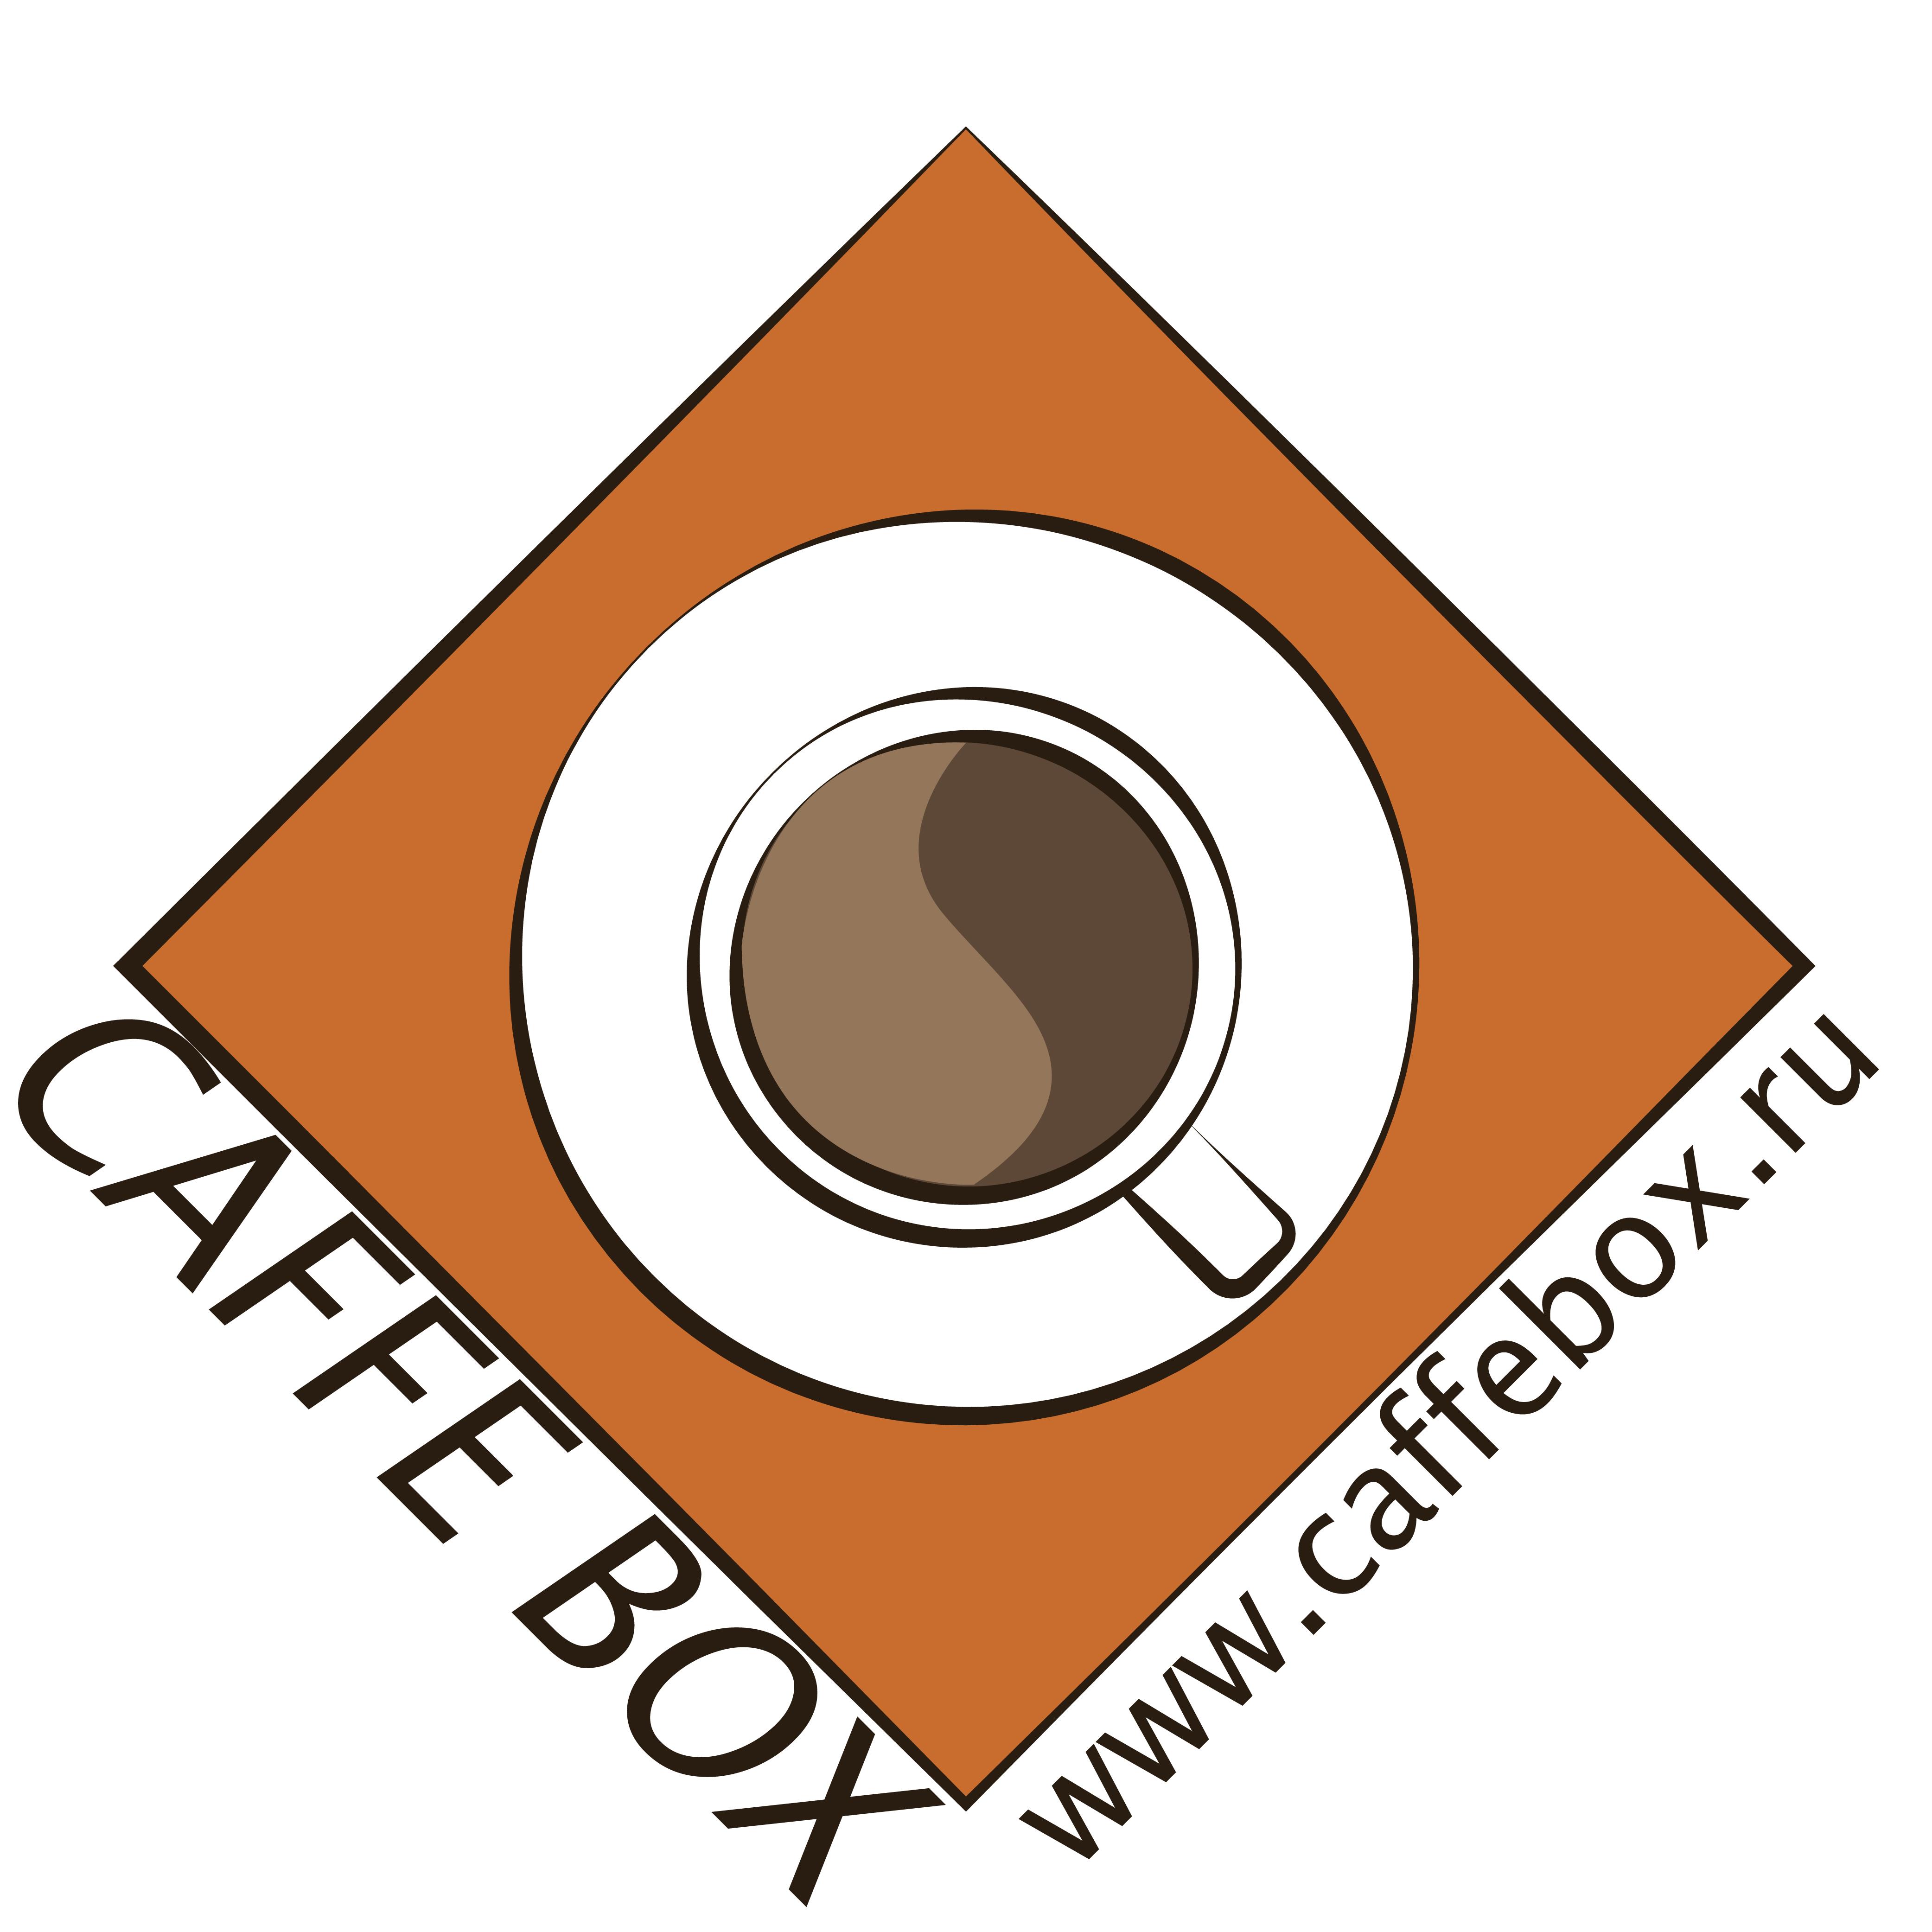 Требуется очень срочно разработать логотип кофейни! фото f_9575a0ac8638abf6.jpg